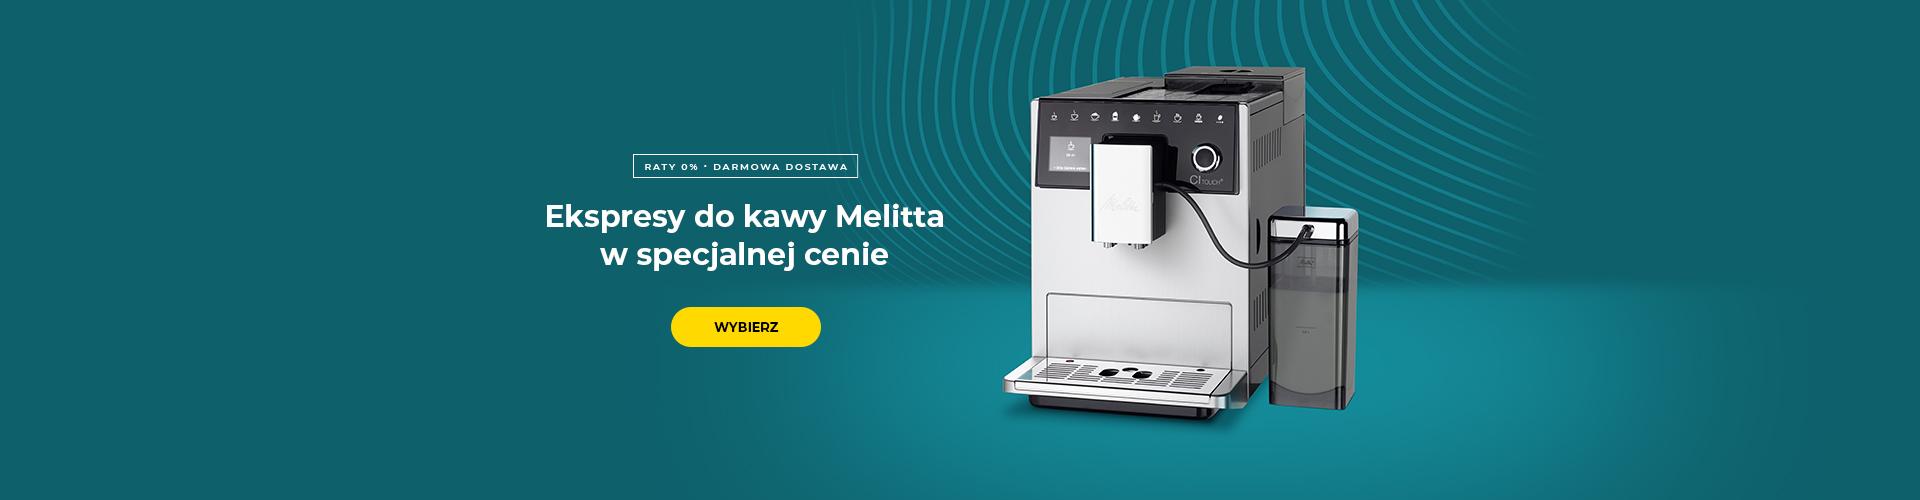 Ekspresy do kawy Melitta w specjalnej cenie